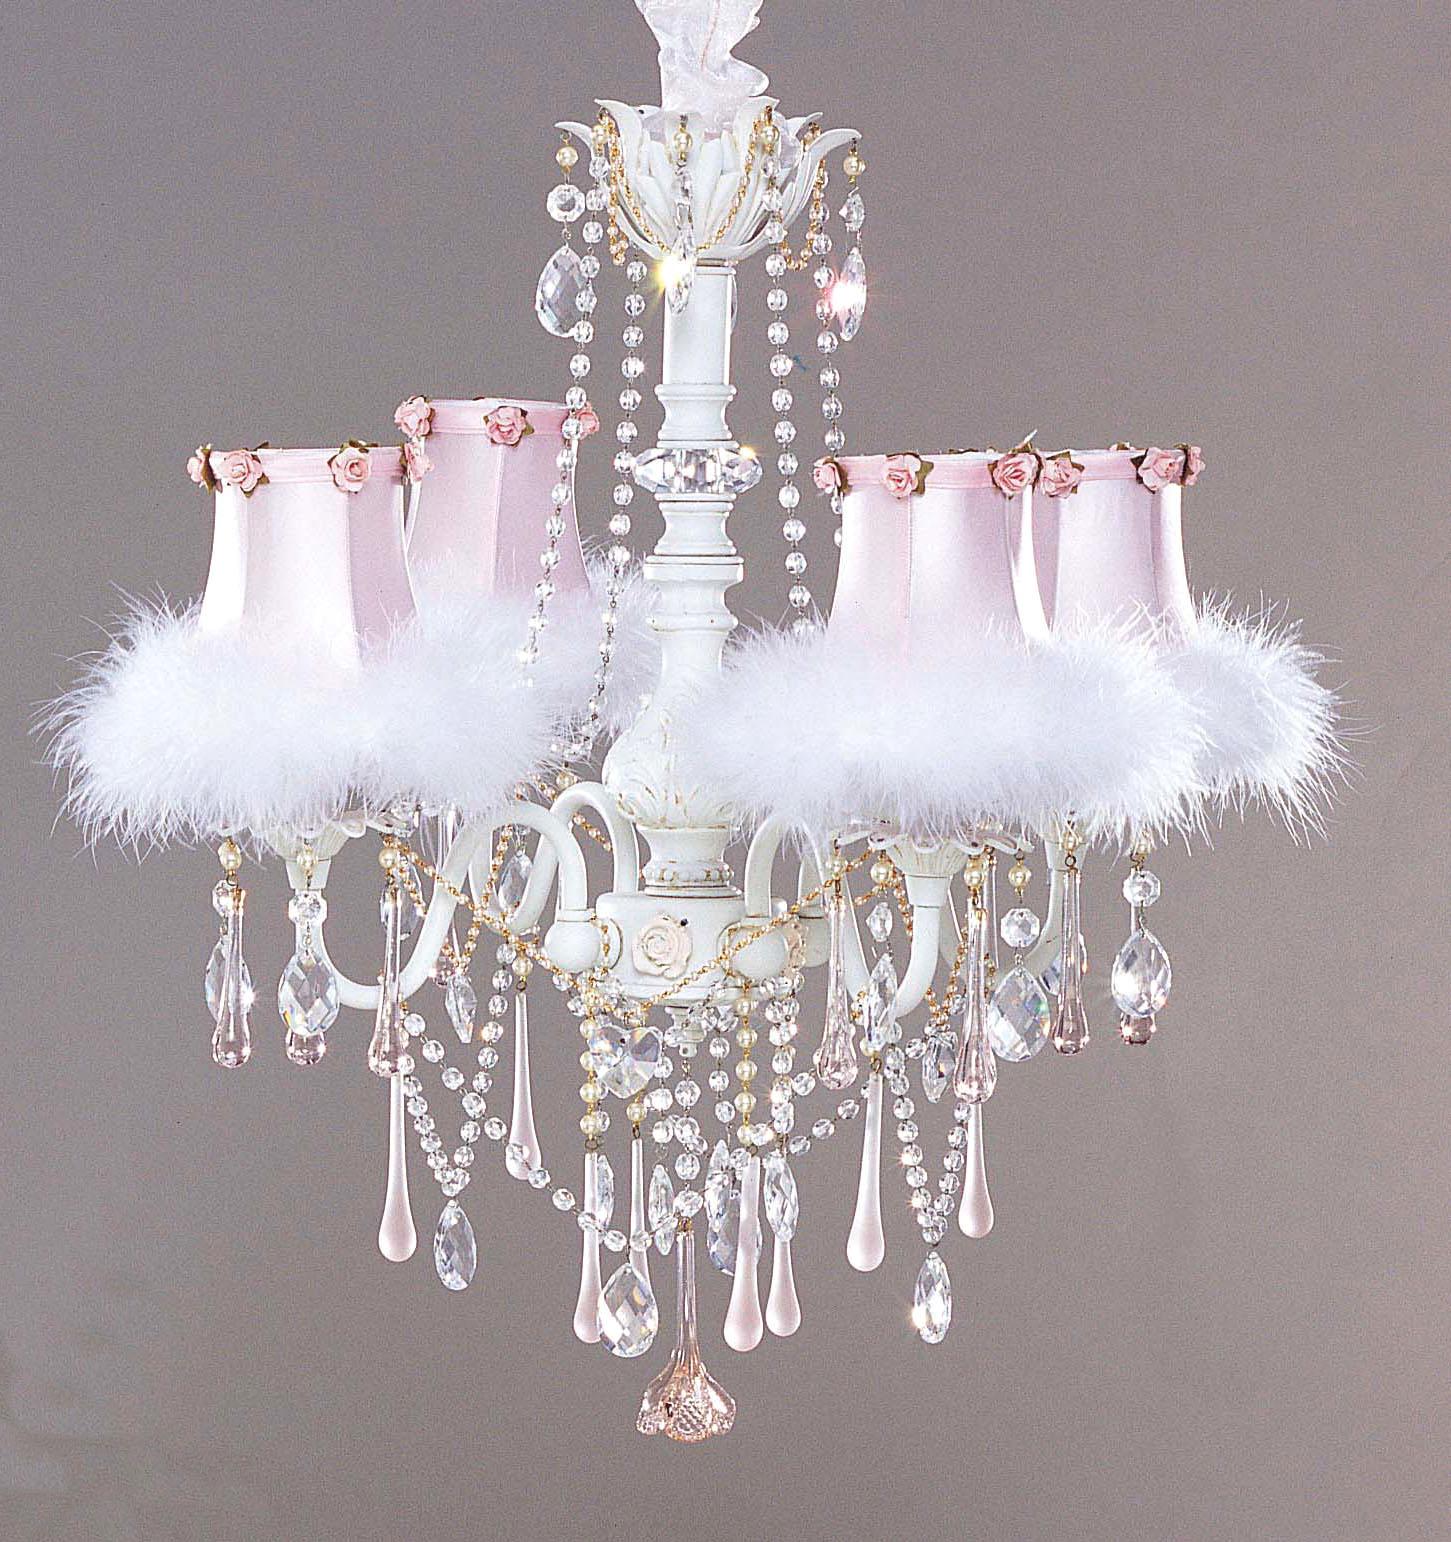 Fabulous Shabby Chic Room Chandelier for Girls 1451 x 1542 · 403 kB · jpeg